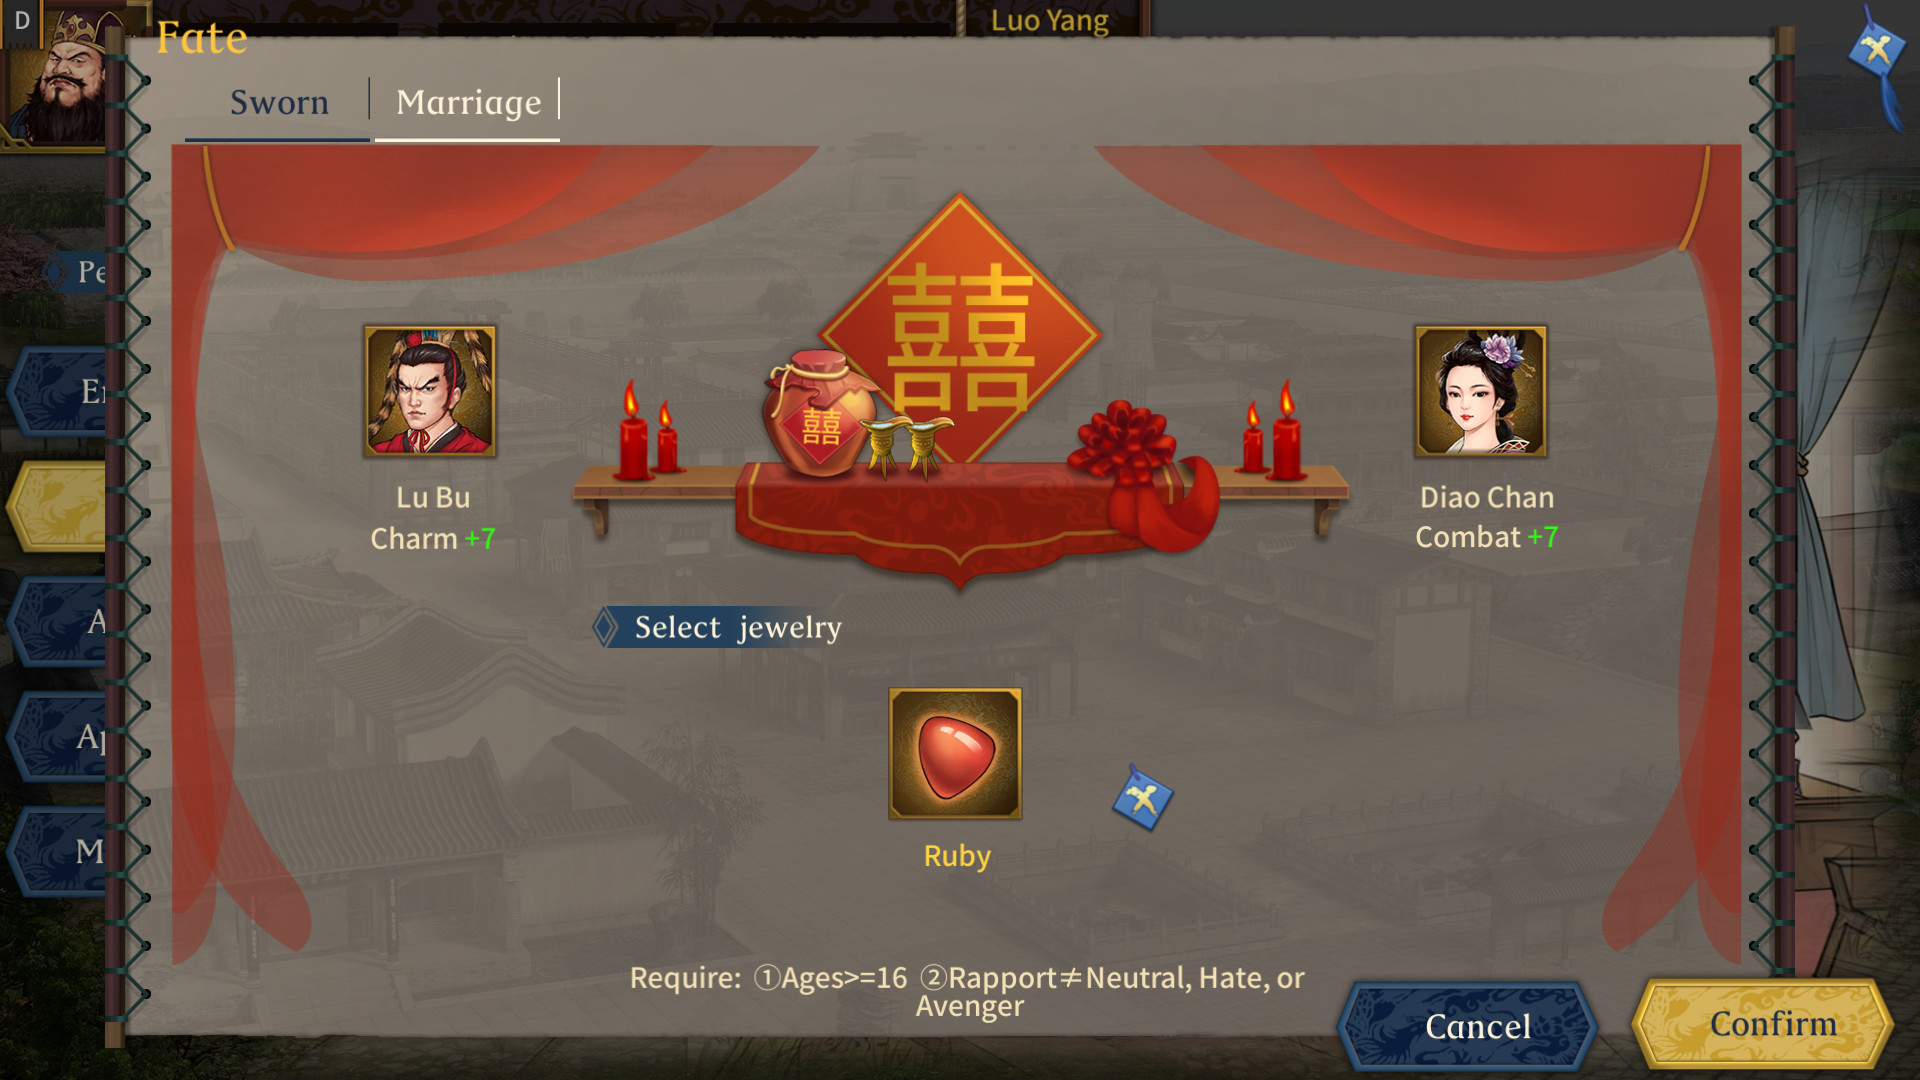 KHAiHOM.com - Three Kingdoms The Last Warlord